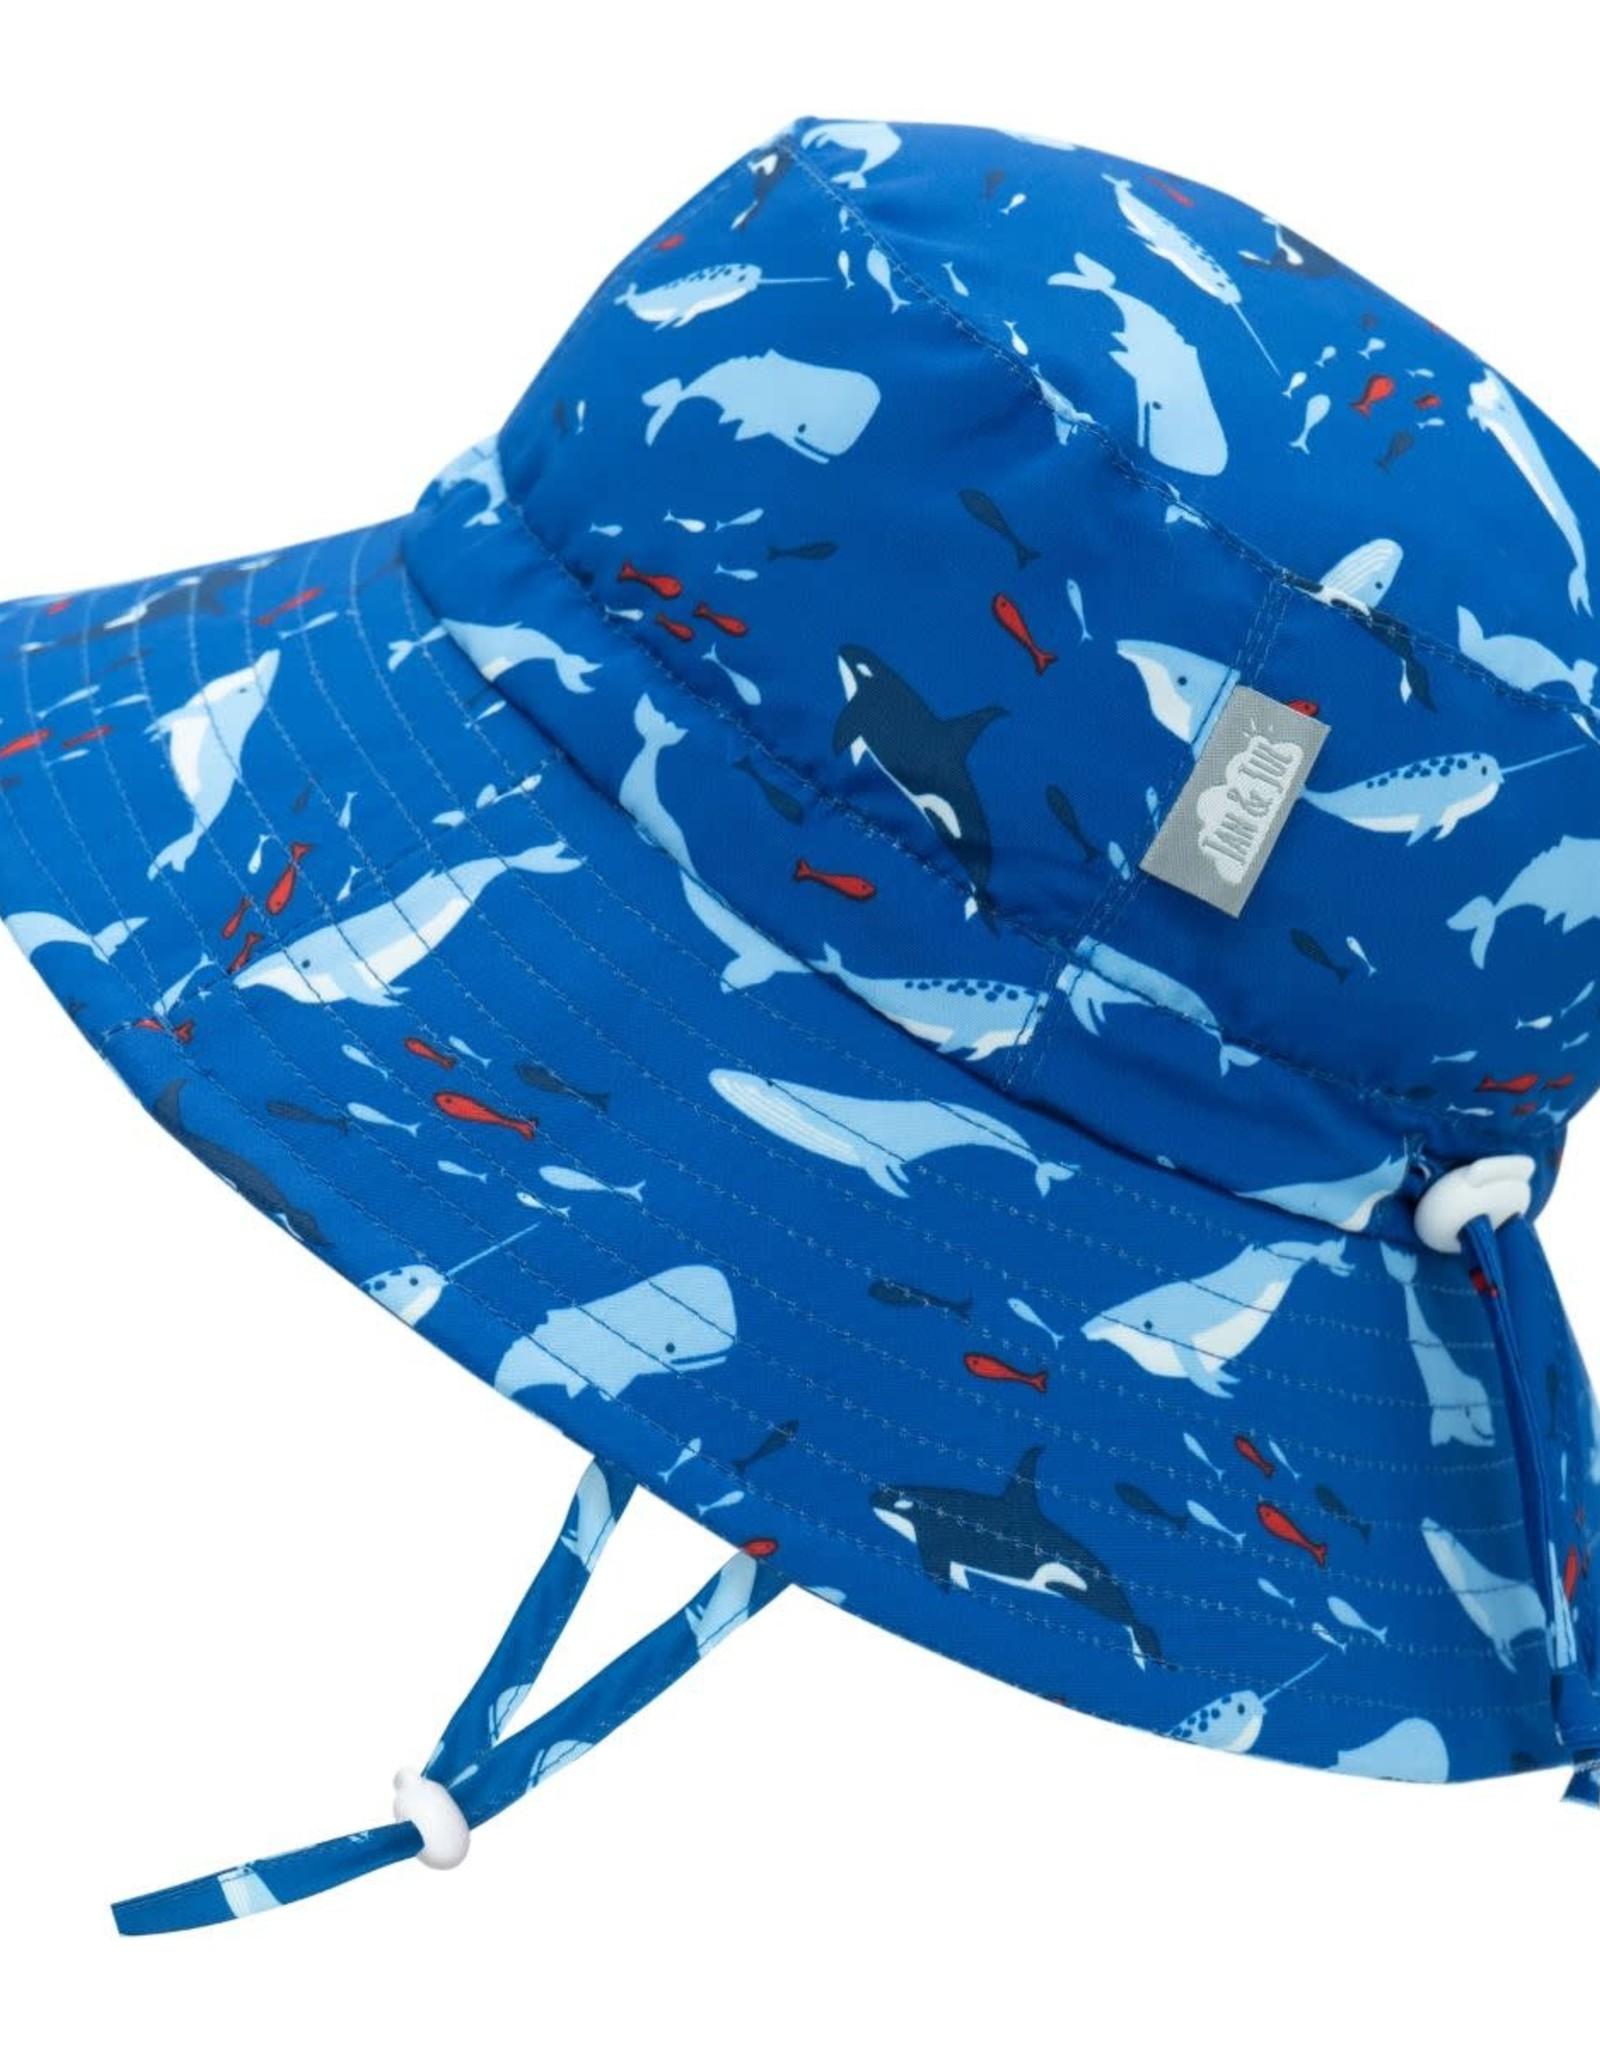 Jan & Jul Jan & Jul Whale Play Aqua Dry Bucket Hat